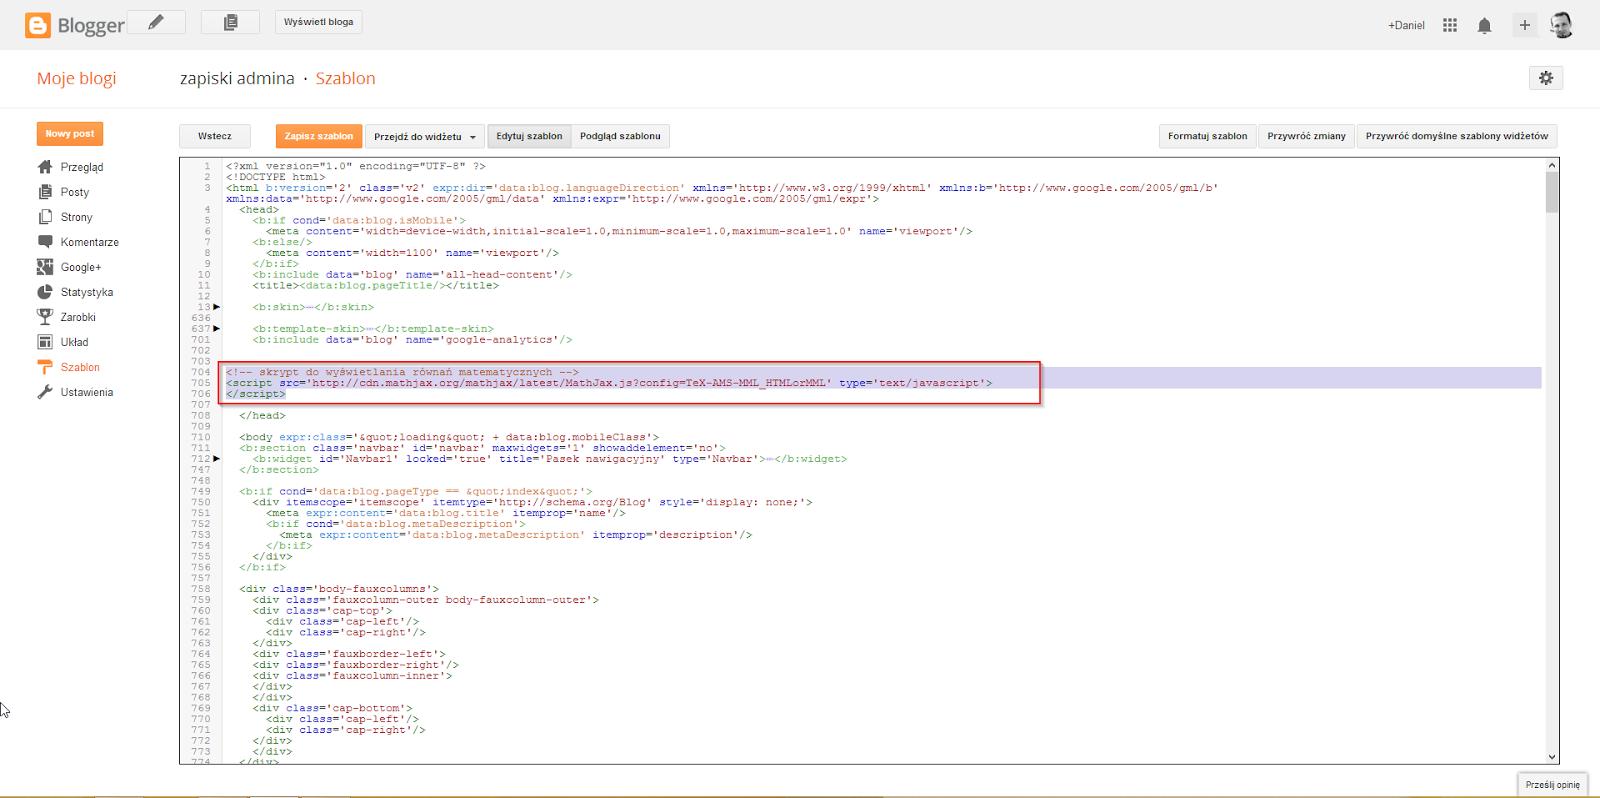 Kod MathJax wstawiony w stronę niniejszego bloga. Przed końcem sekcji head